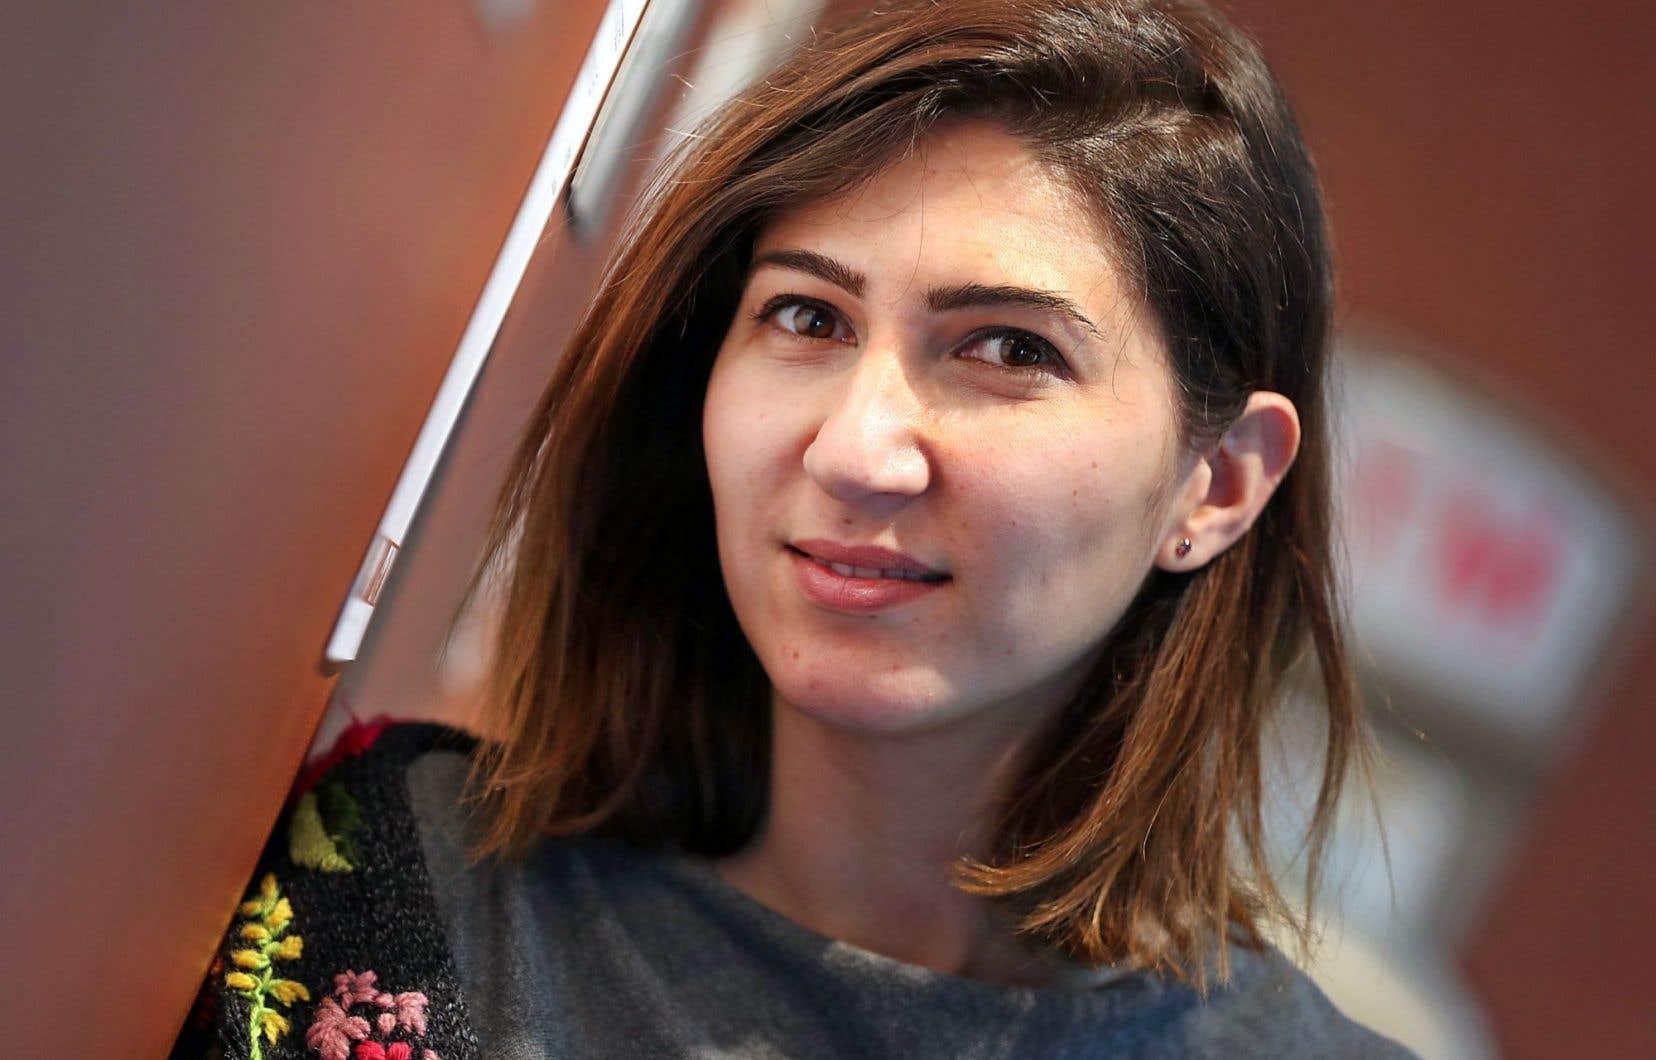 Rand Sukhaita vit aujourd'hui en Turquie, et c'est de ce pays qu'elle dirige une ONG syrienne qui vient en aide aux femmes et aux hommes de son pays d'origine.